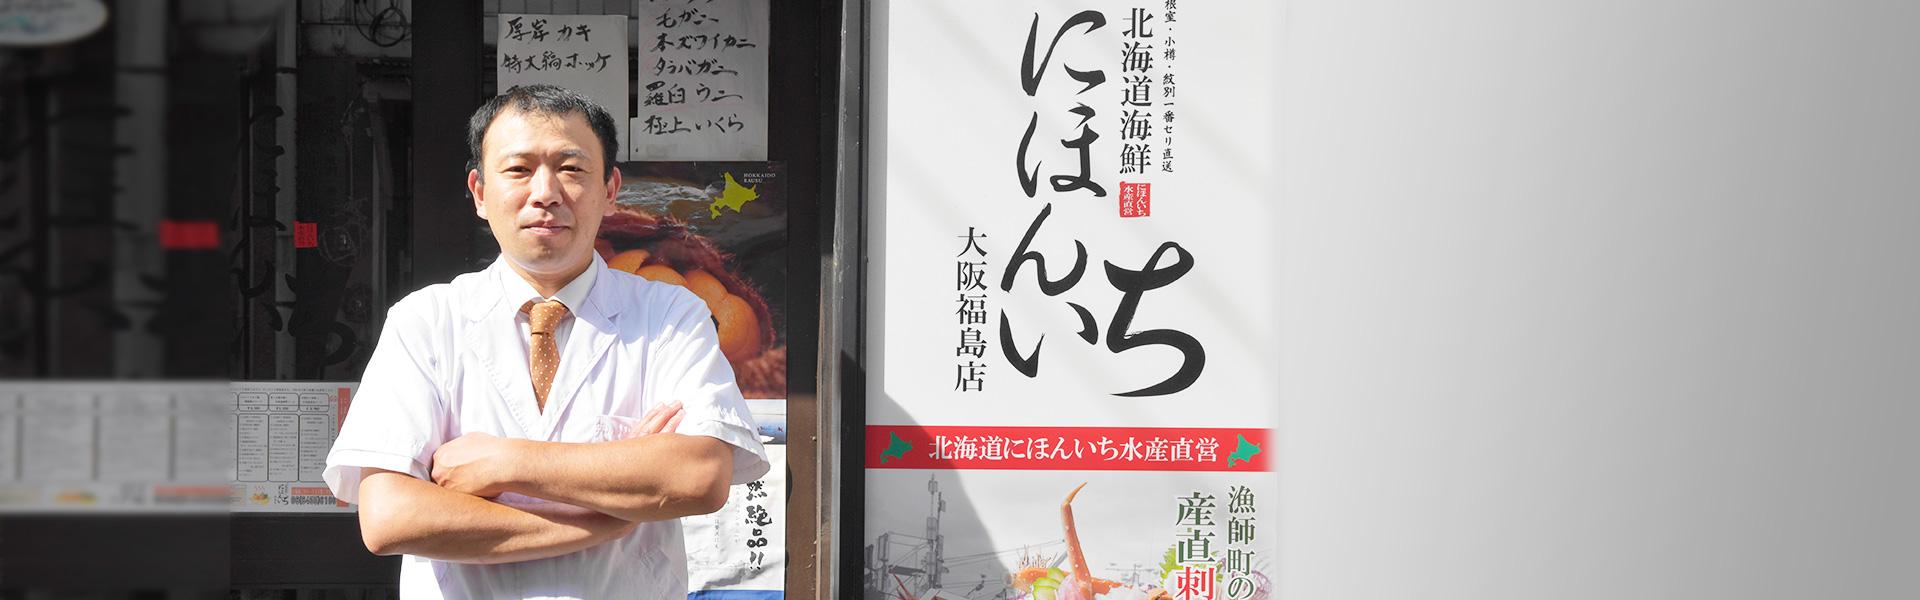 北海道海鮮にほんいち 福島店 料理長